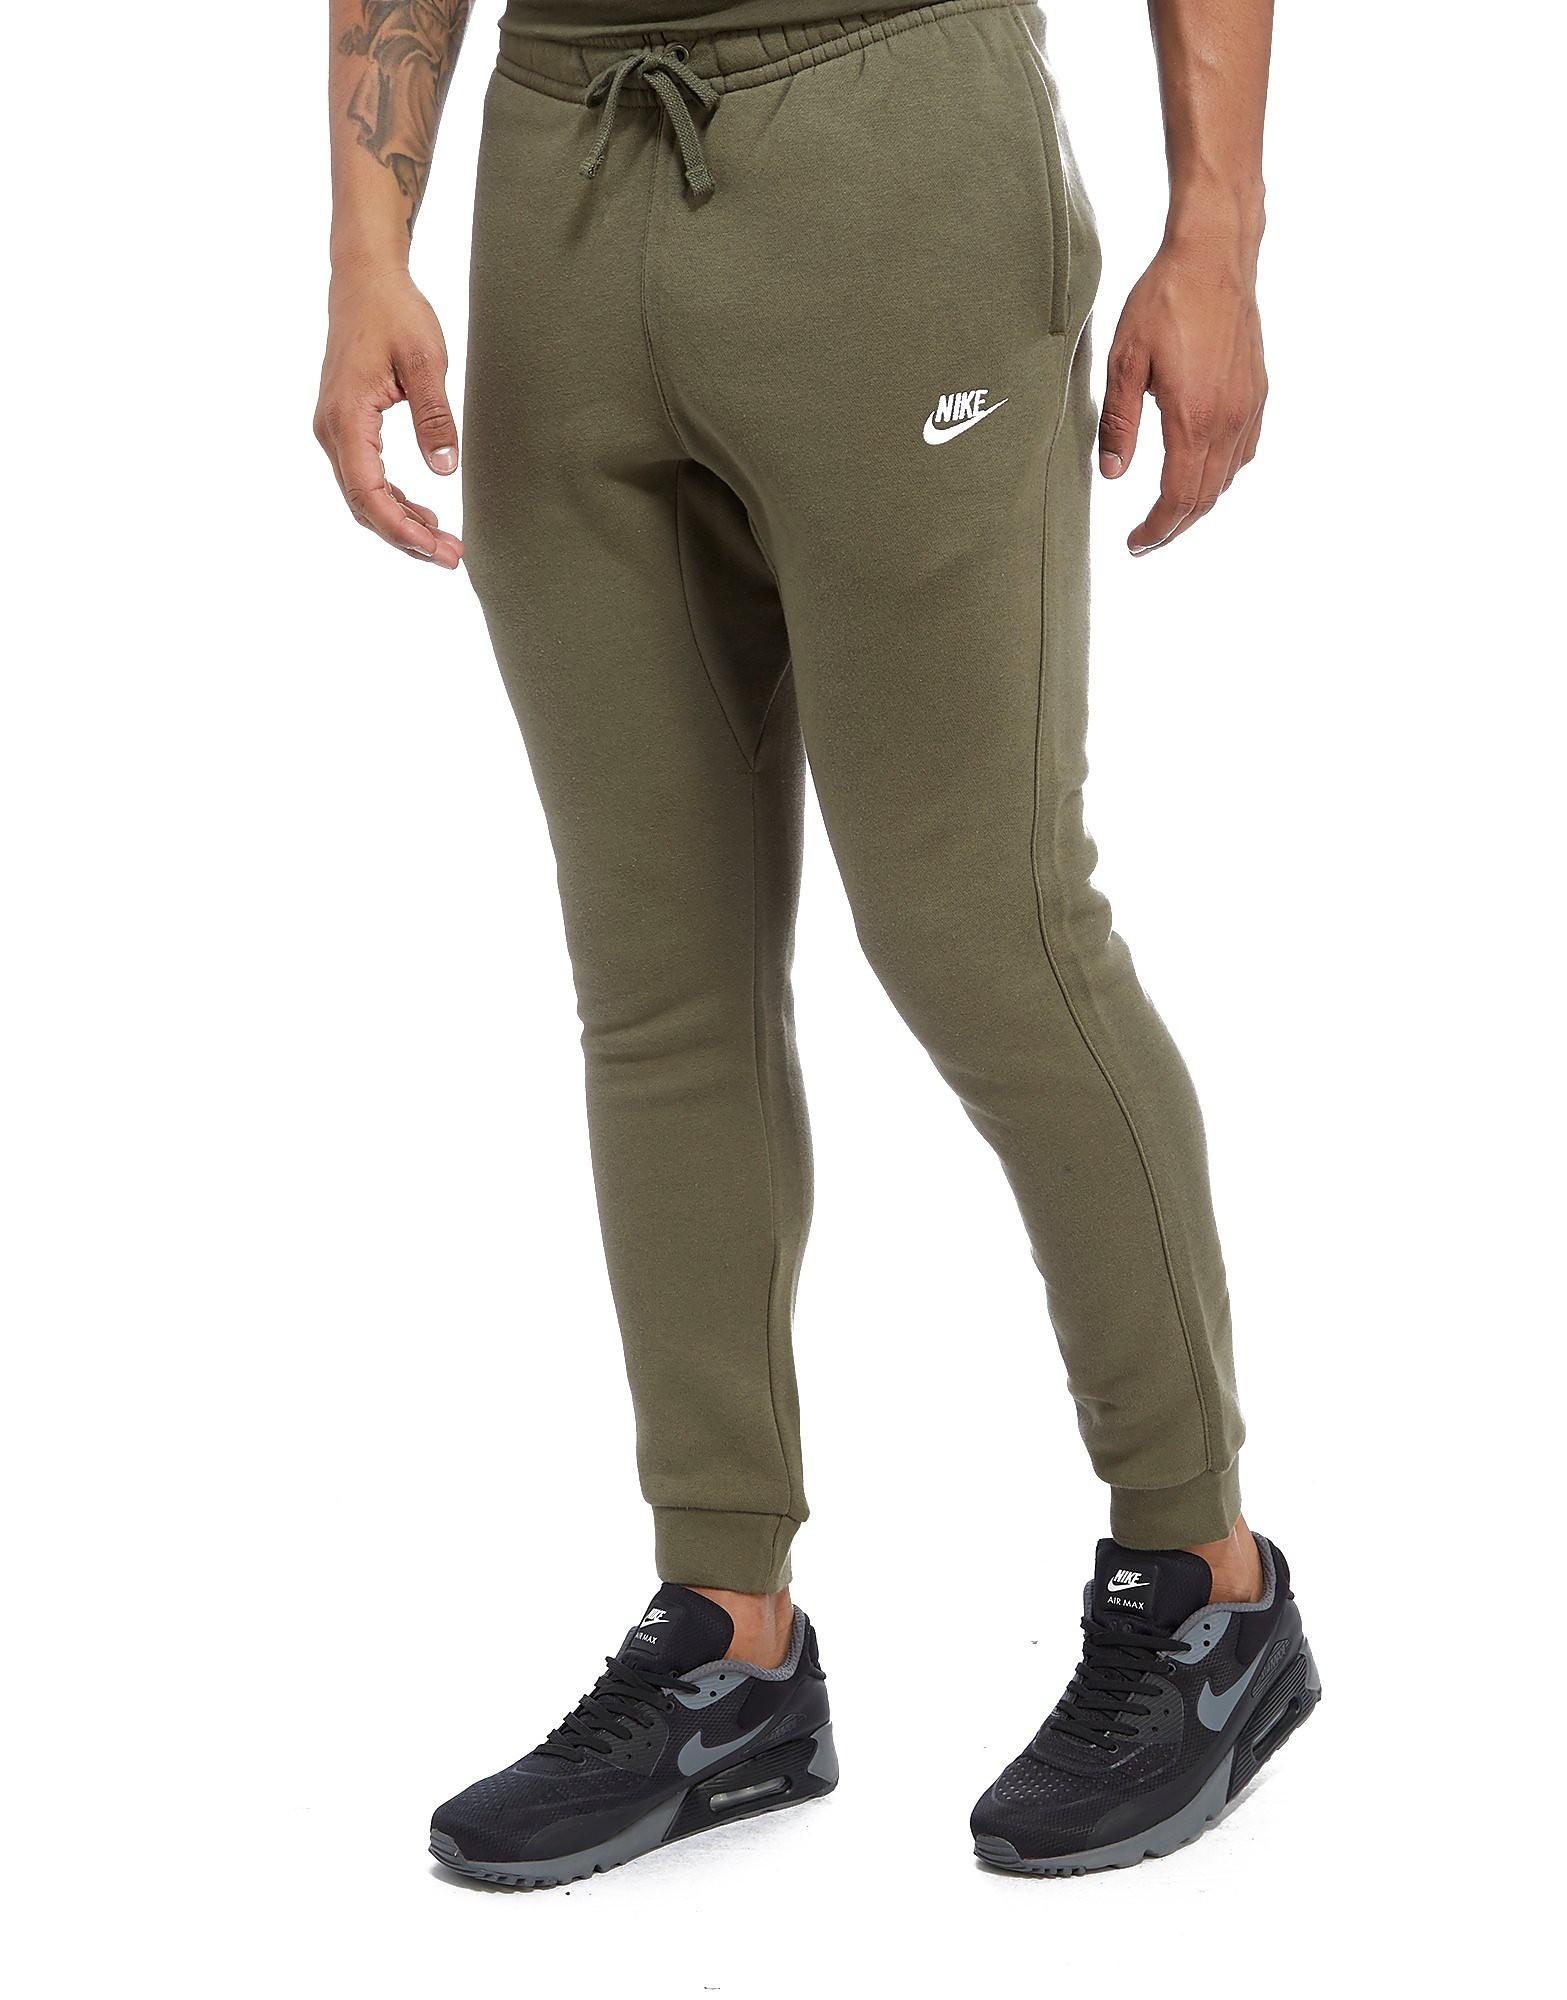 Nike Foundaton DC Fleece Pants